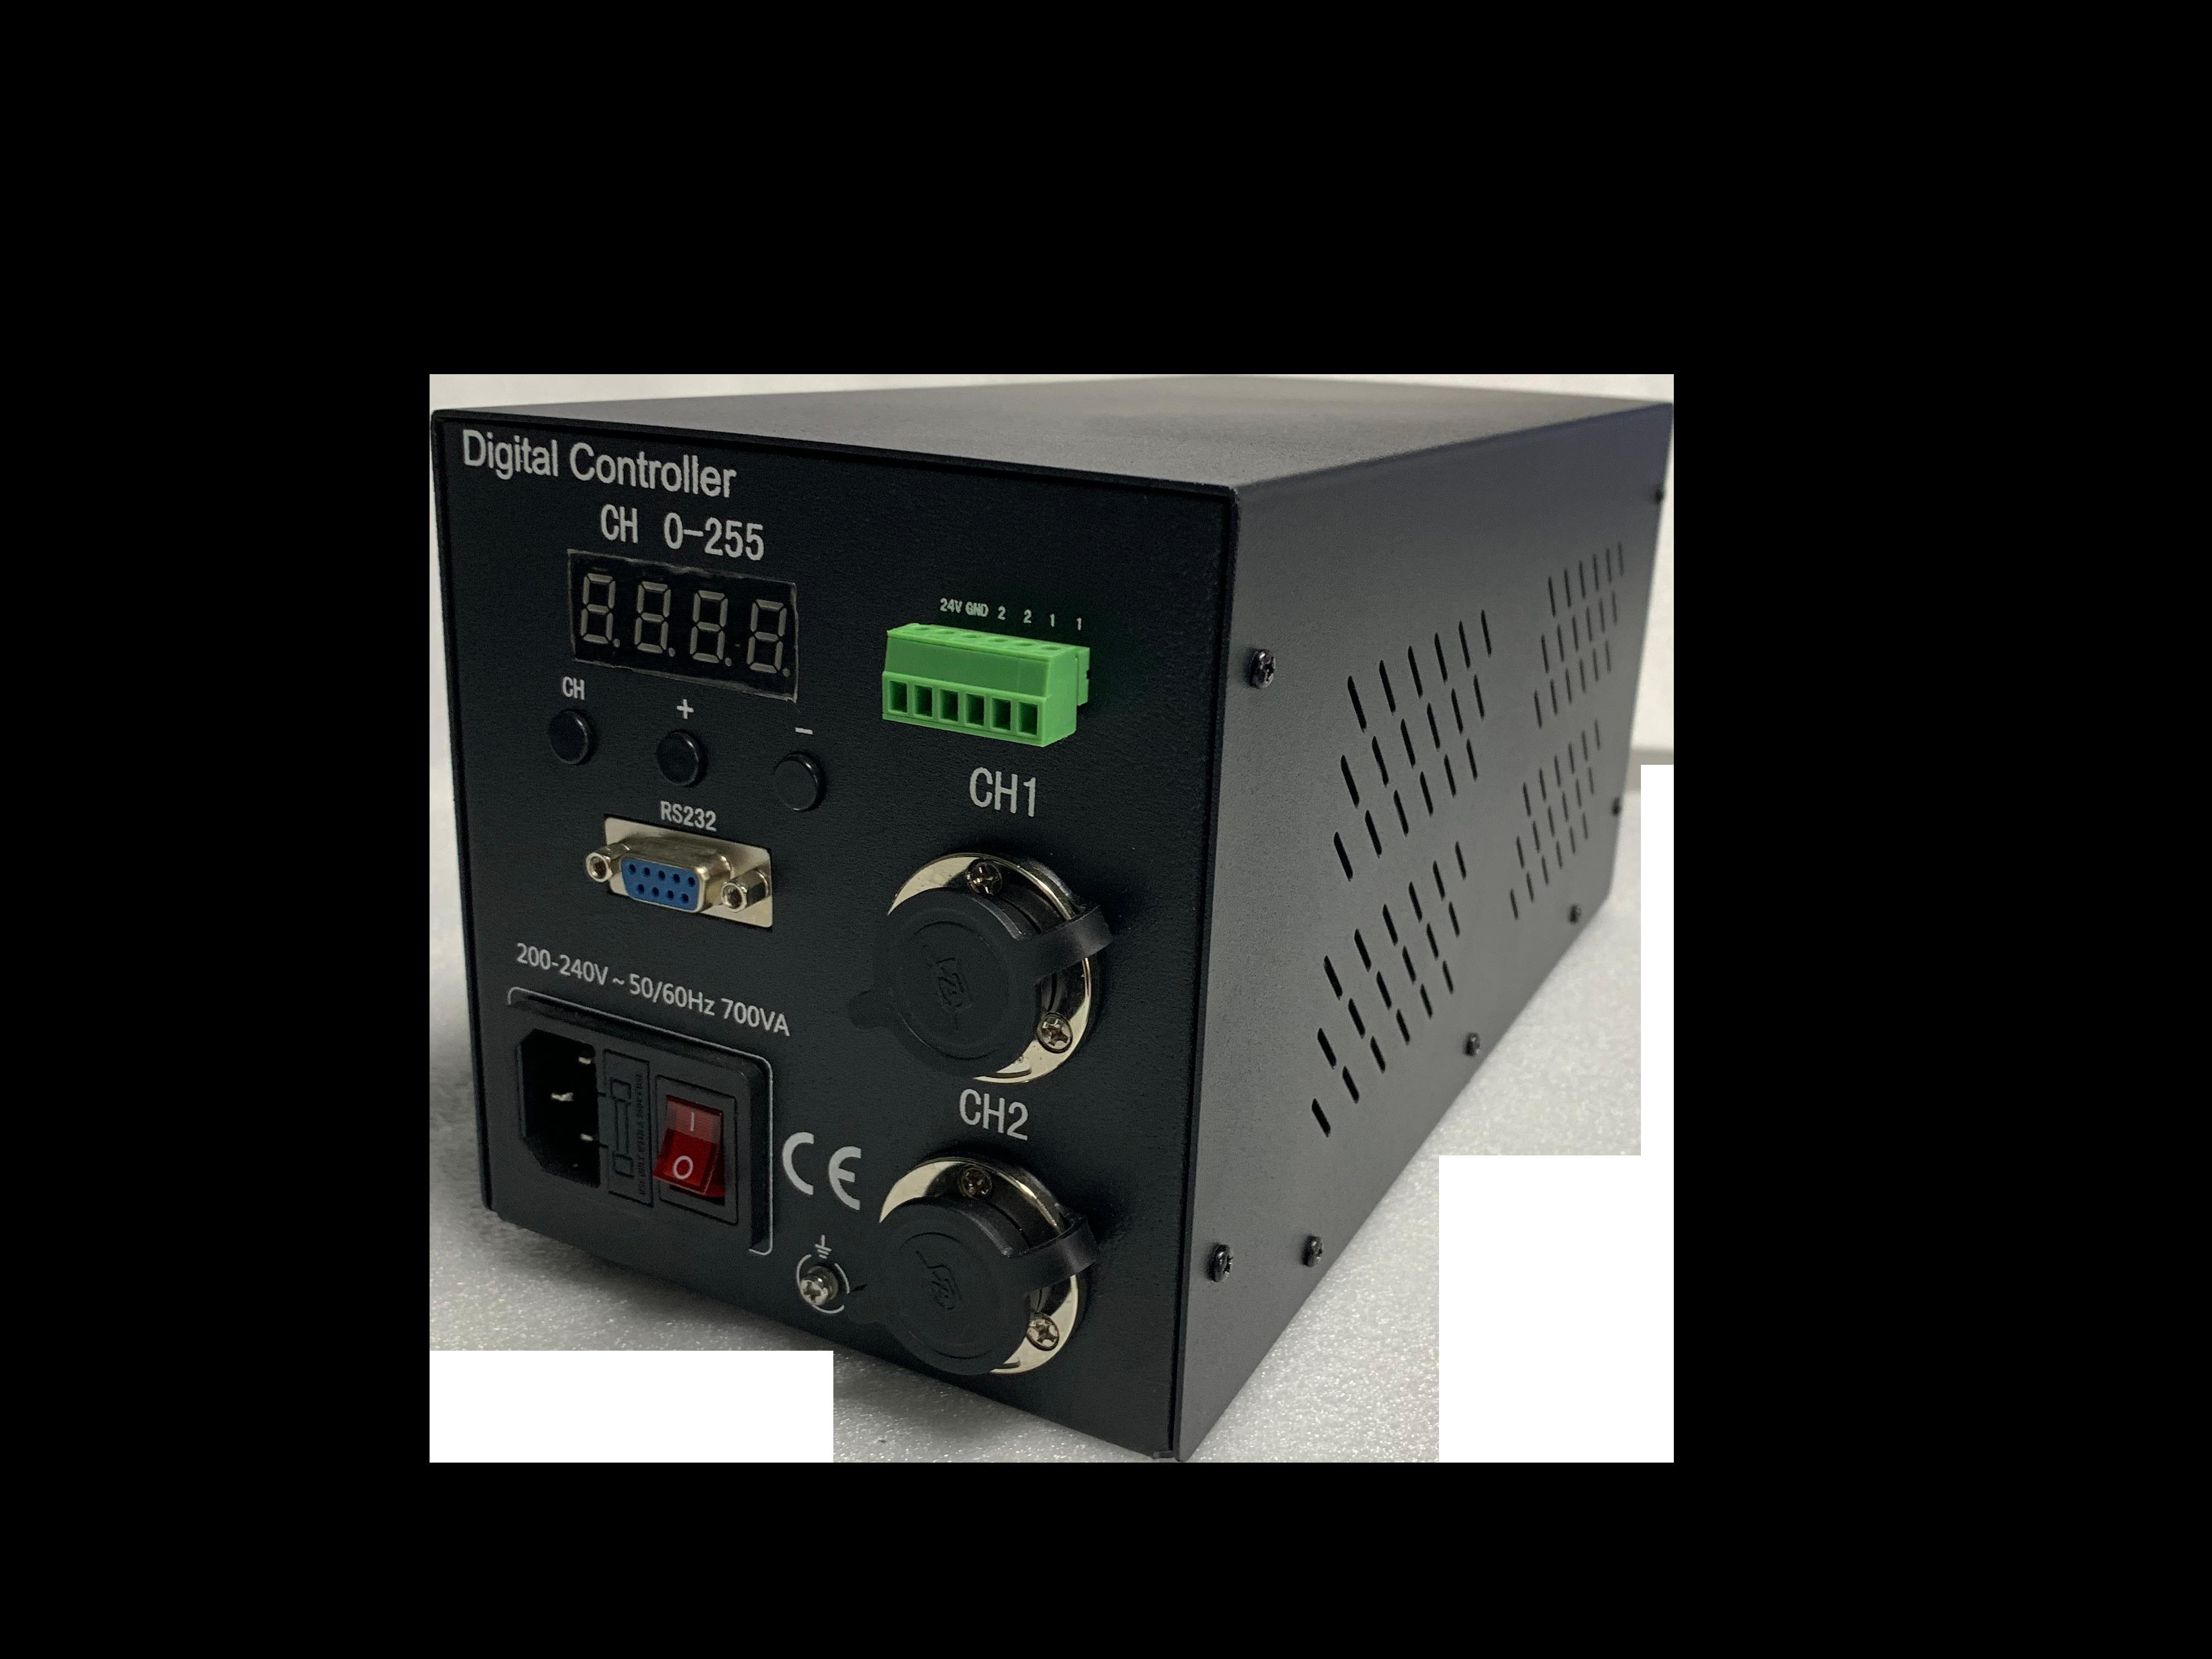 大功率数字控制器HDPC24500-2T